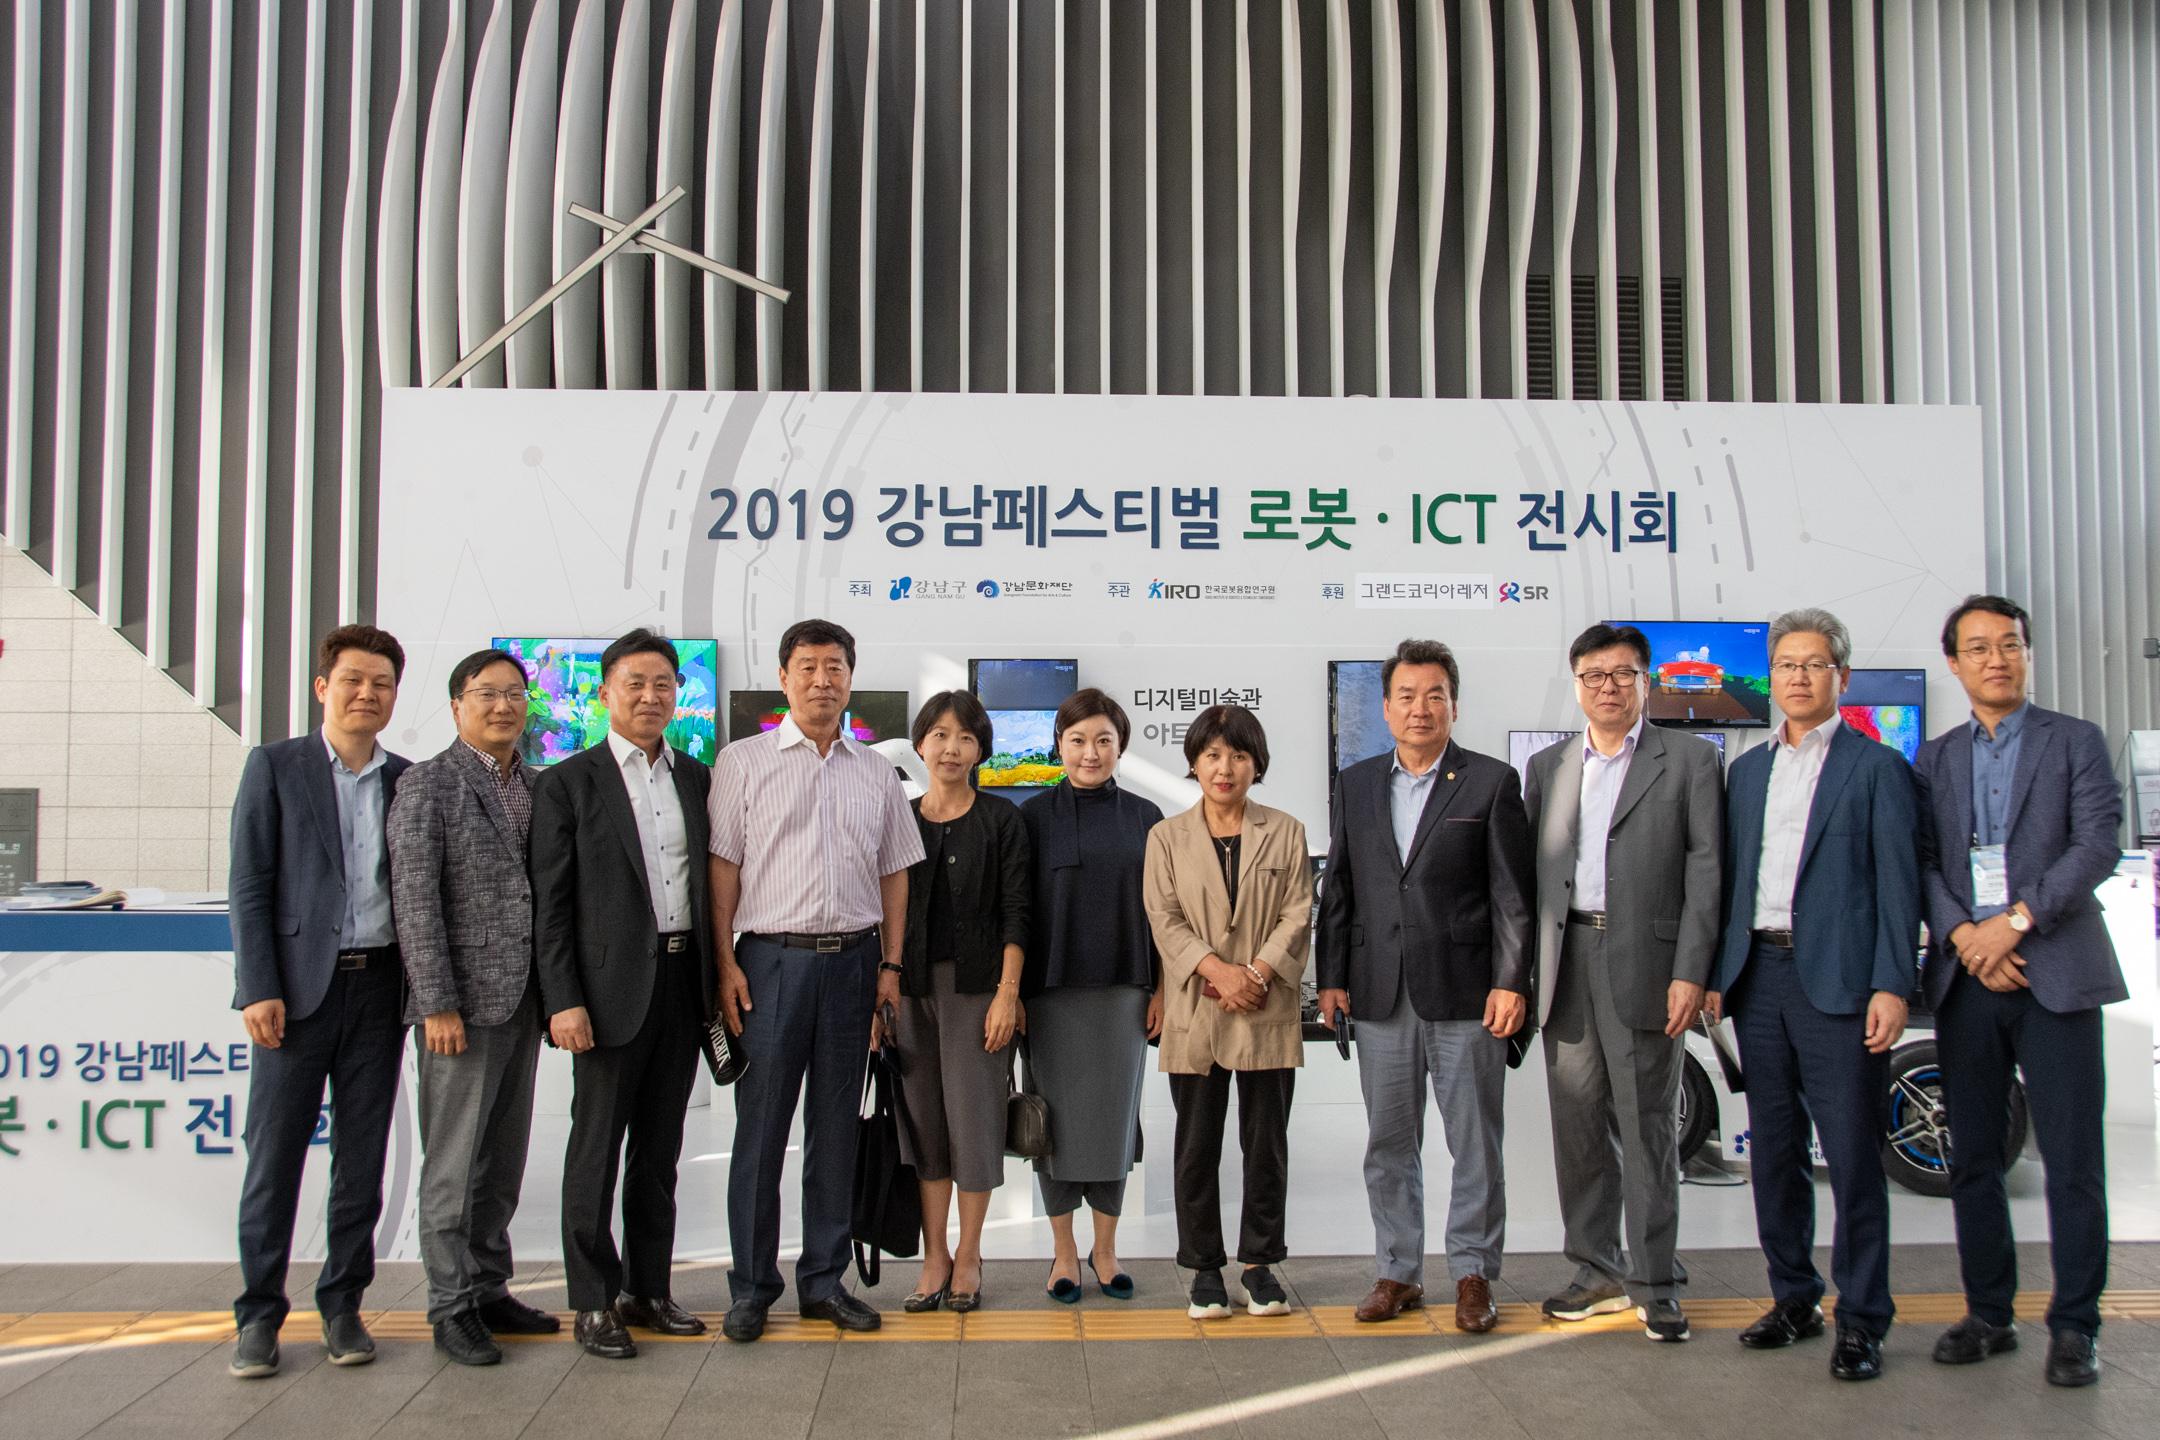 로봇 . ICT 전시회 로봇.ICT 전시회(2).jpg